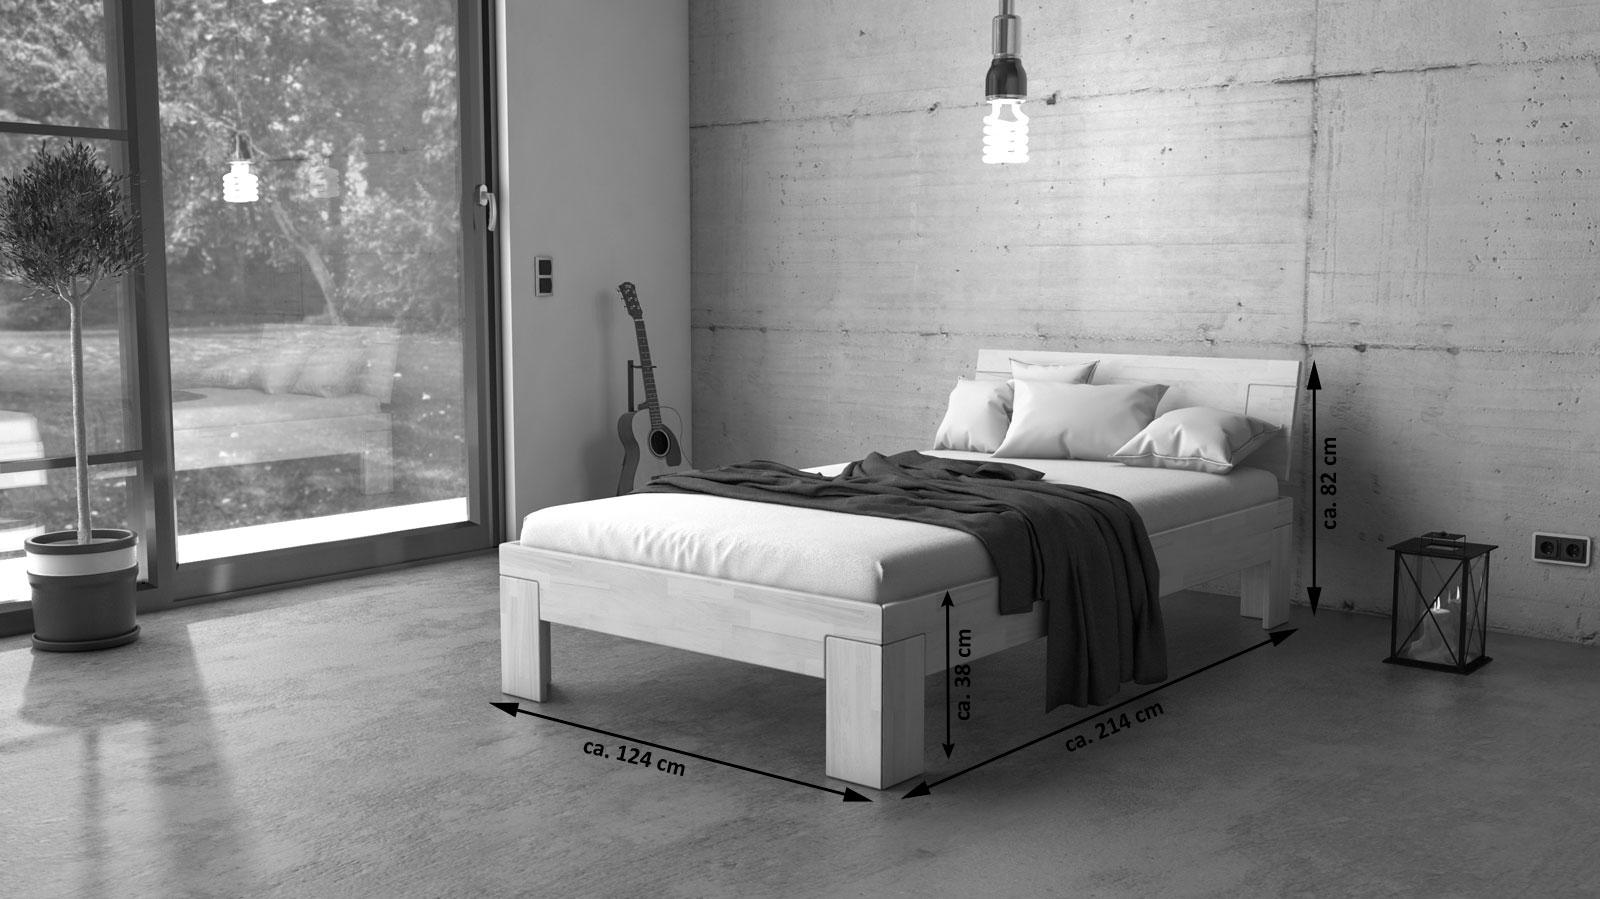 Einzelbett design  SAM® Massivholzbett Einzelbett Buche weiß lasiert 120 x 200 cm SARA